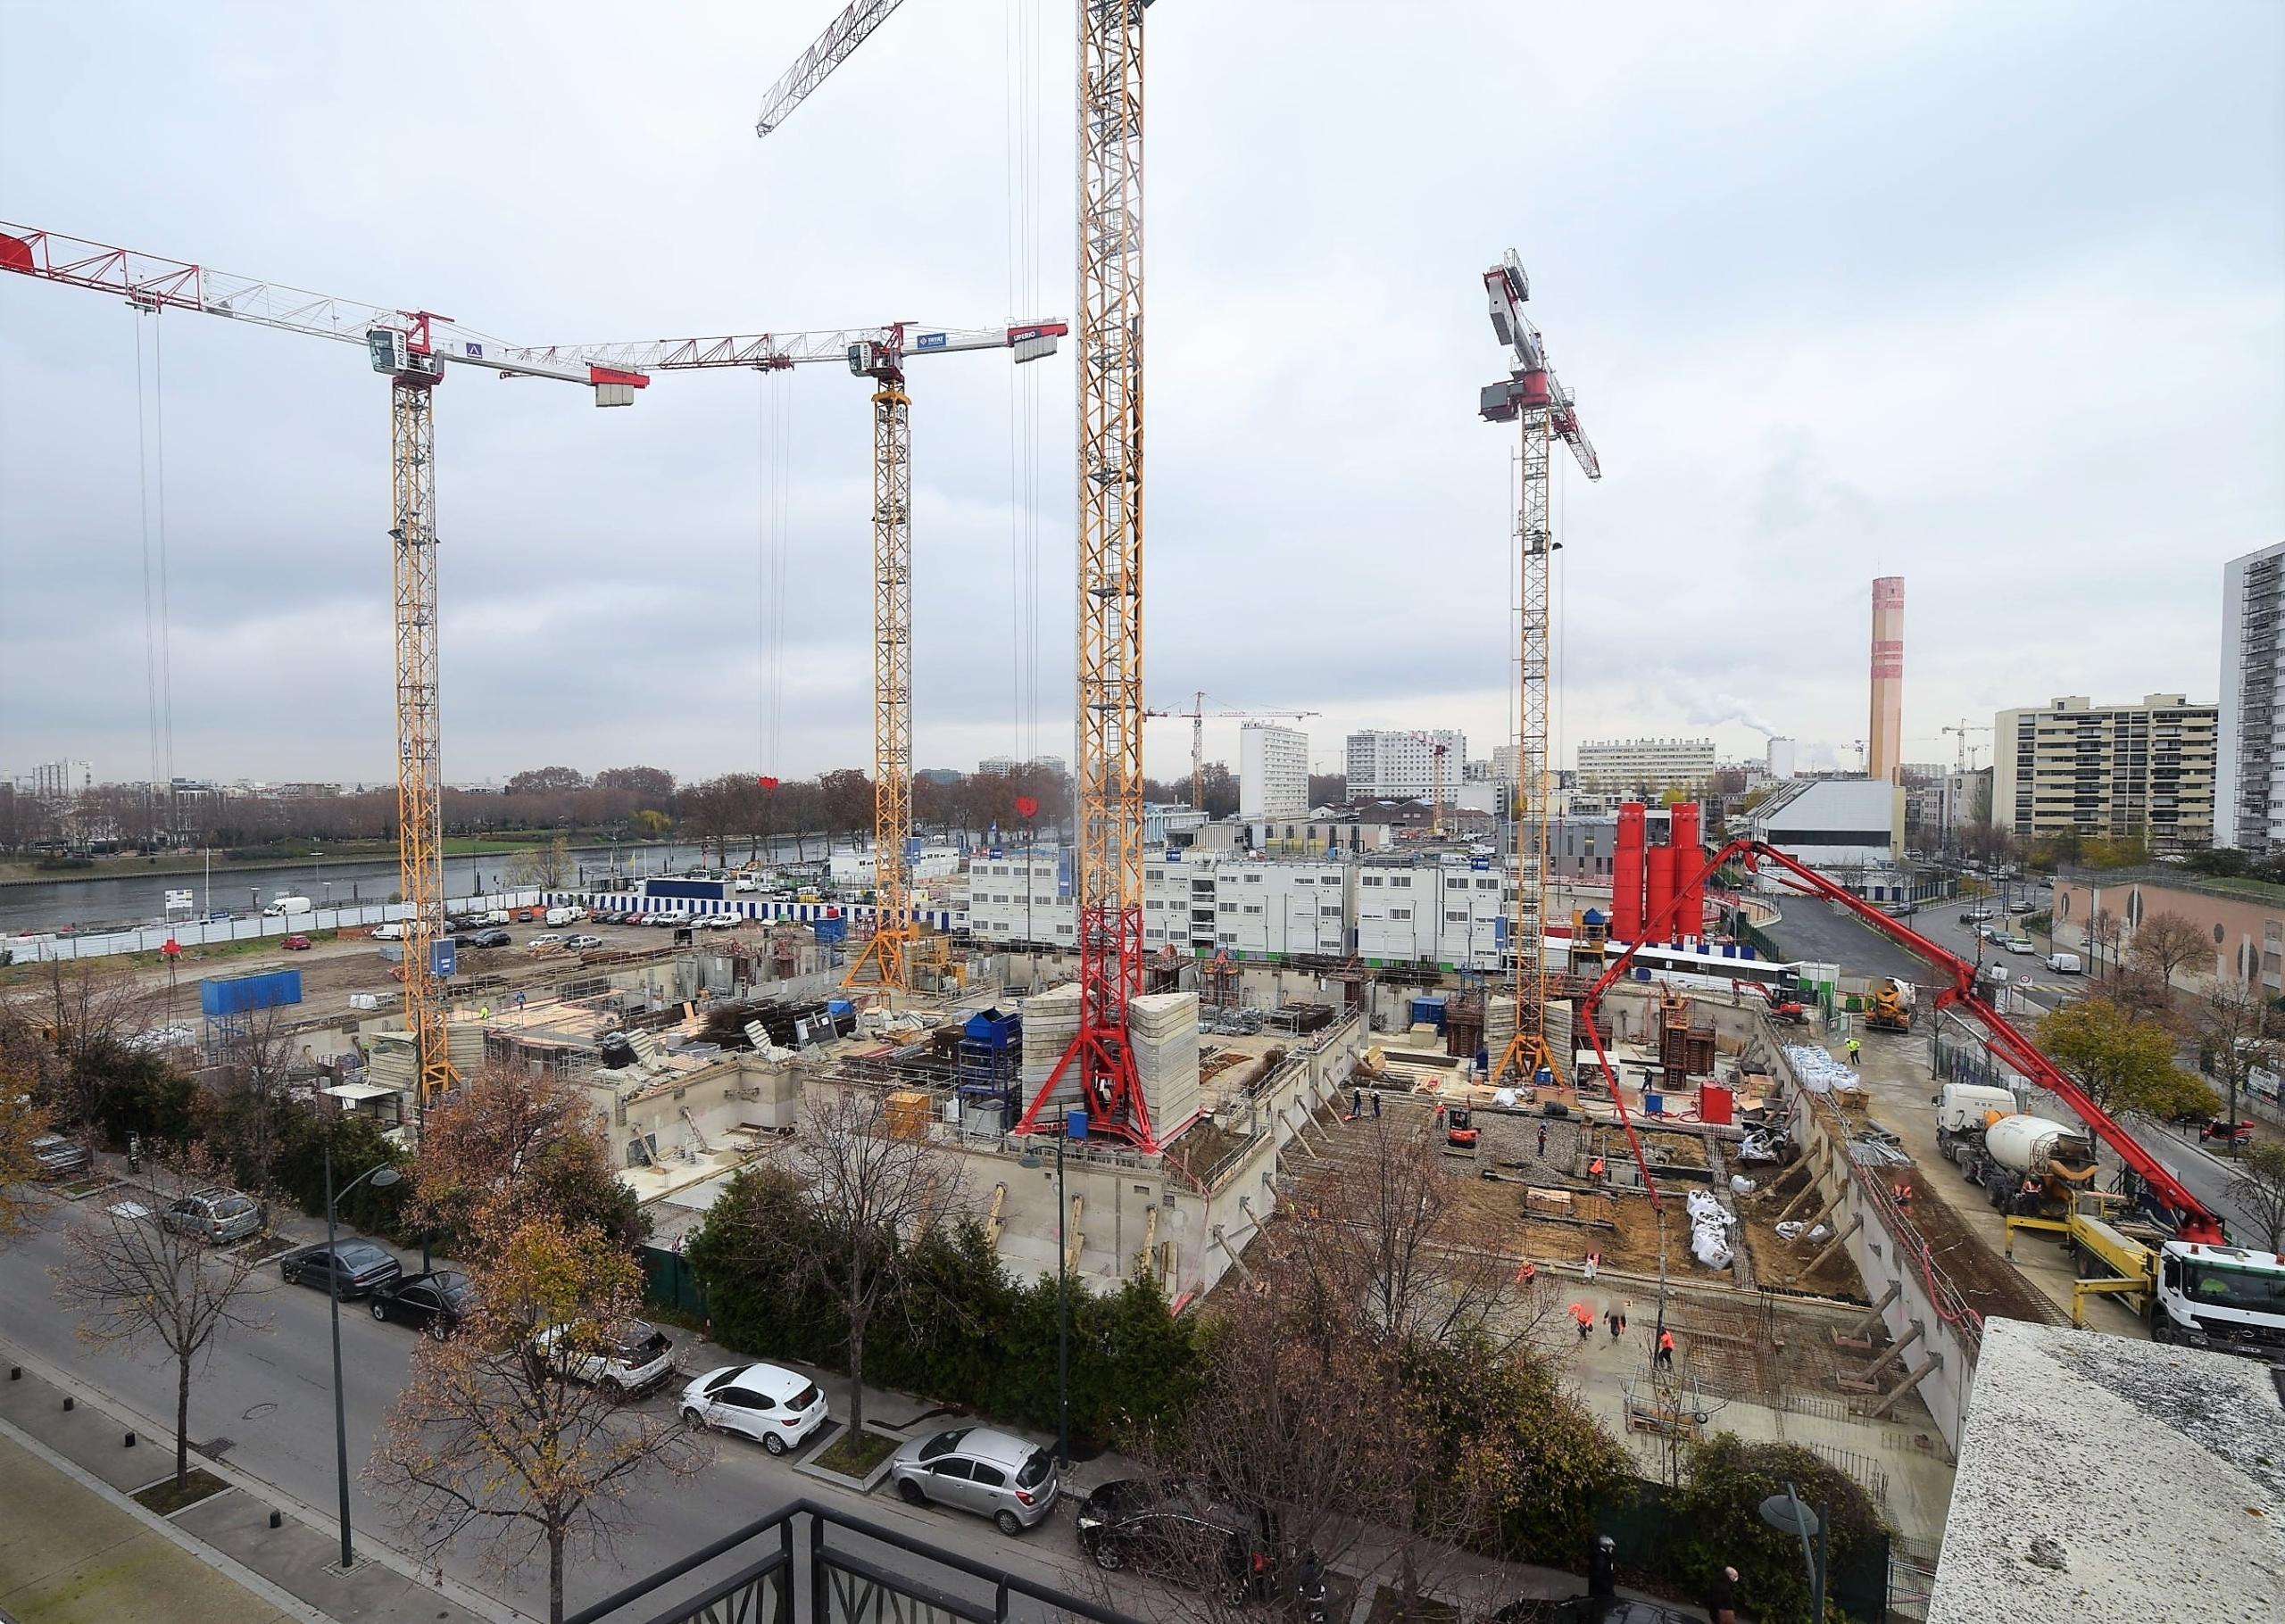 la réalisation d'un ensemble immobilier de 310 logements sur 12 bâtiments lancé par ALTAREA COGEDIM et OGIC à Clichy